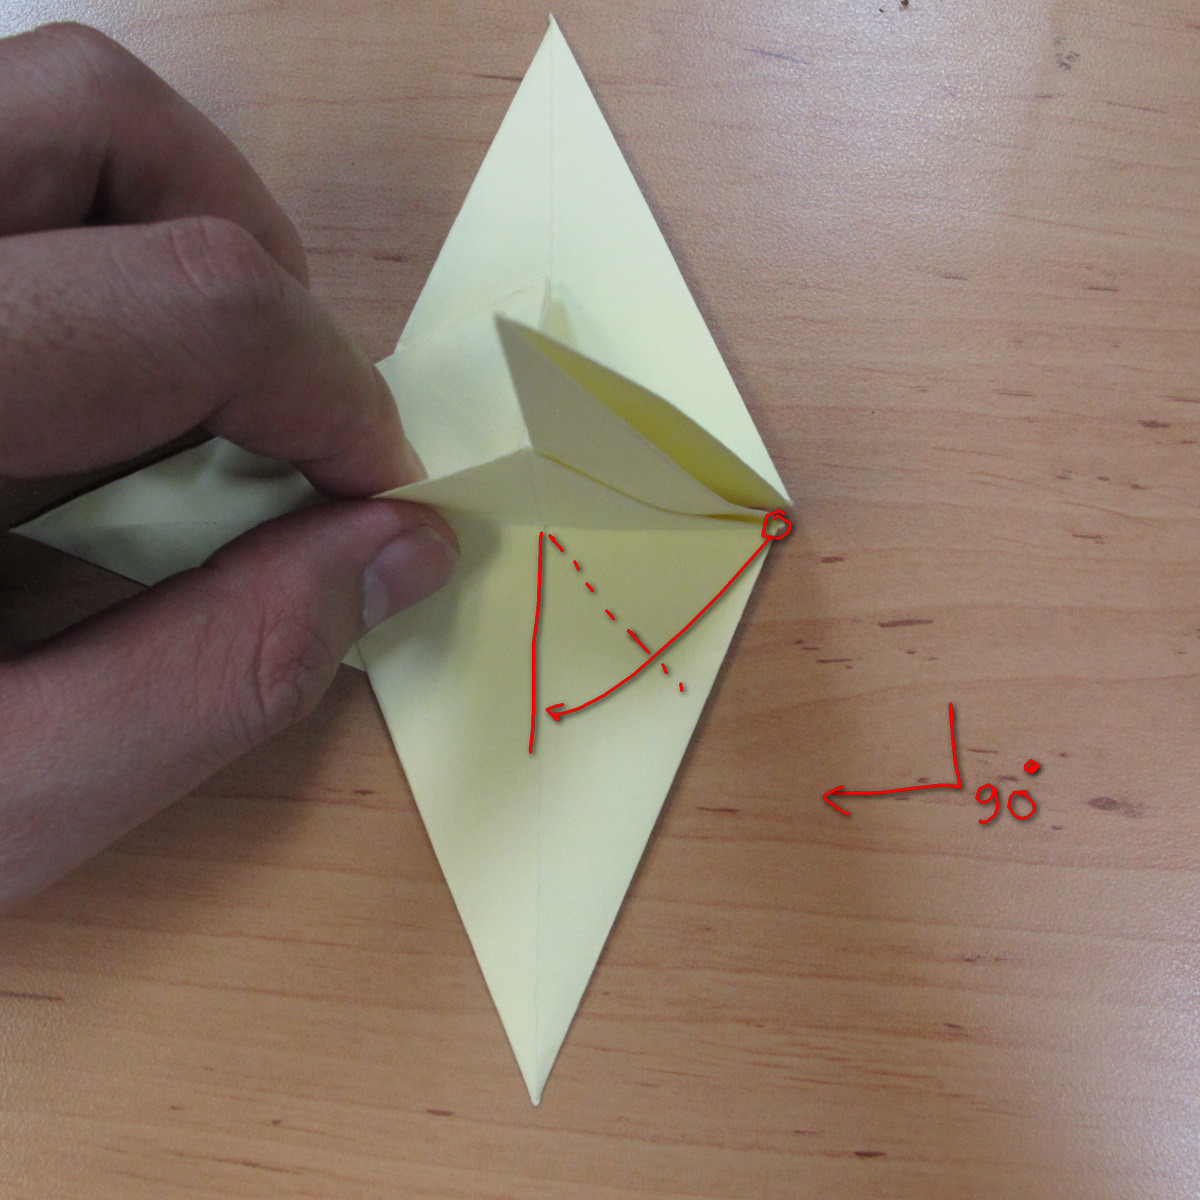 วิธีพับกระดาษเป็นดอกกุหลายแบบเกลียว 026